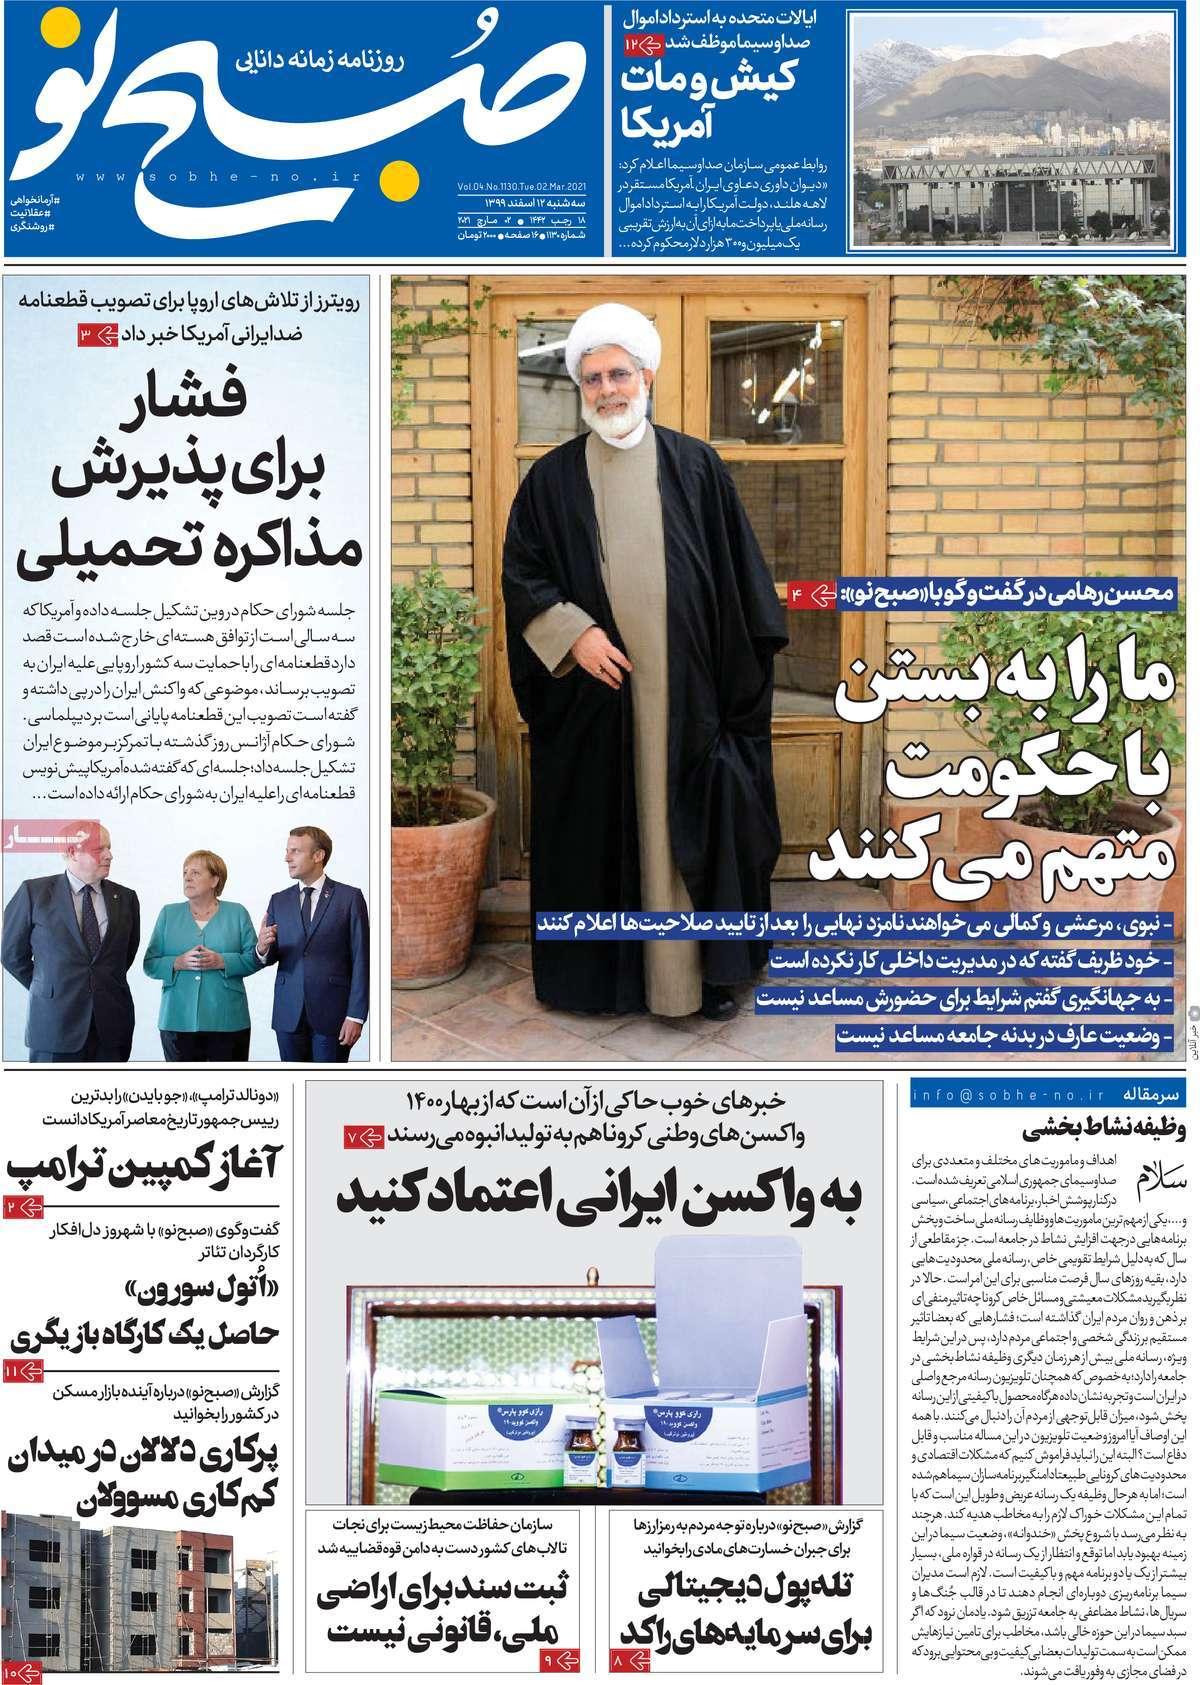 صفحه اول روزنامه  صبح نو